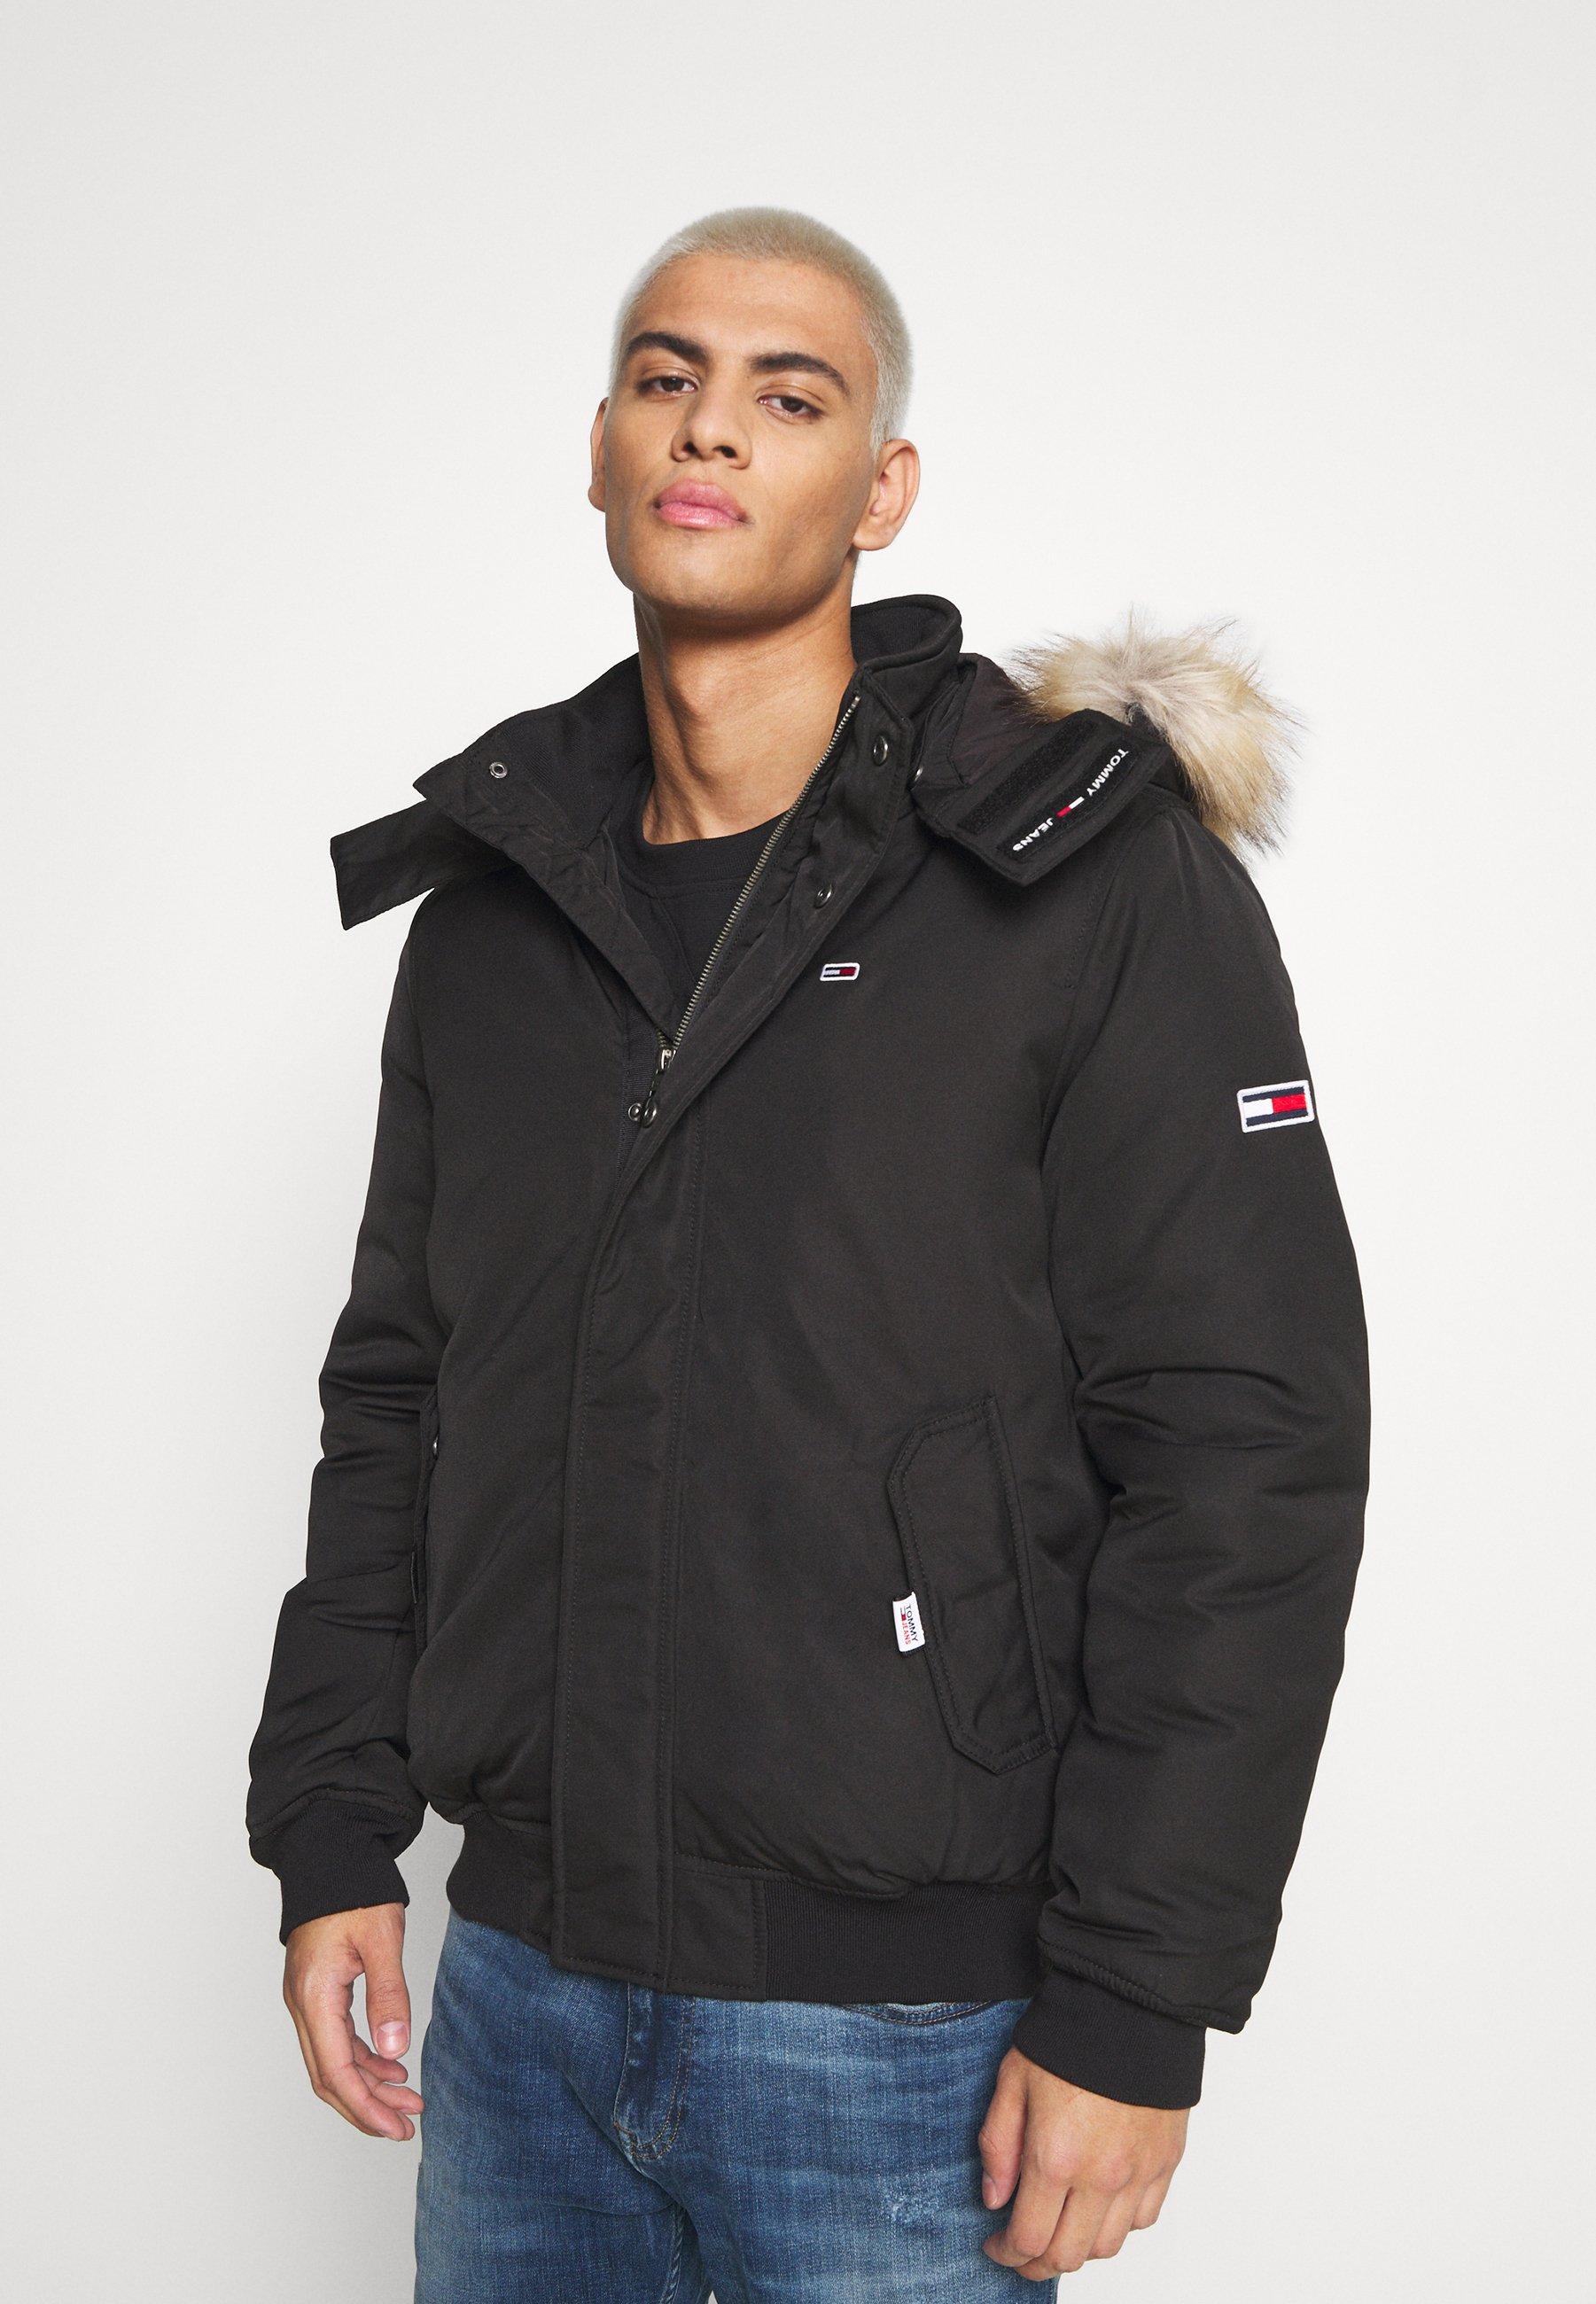 Jacken für Damen Größe 48 online kaufen | Zalando